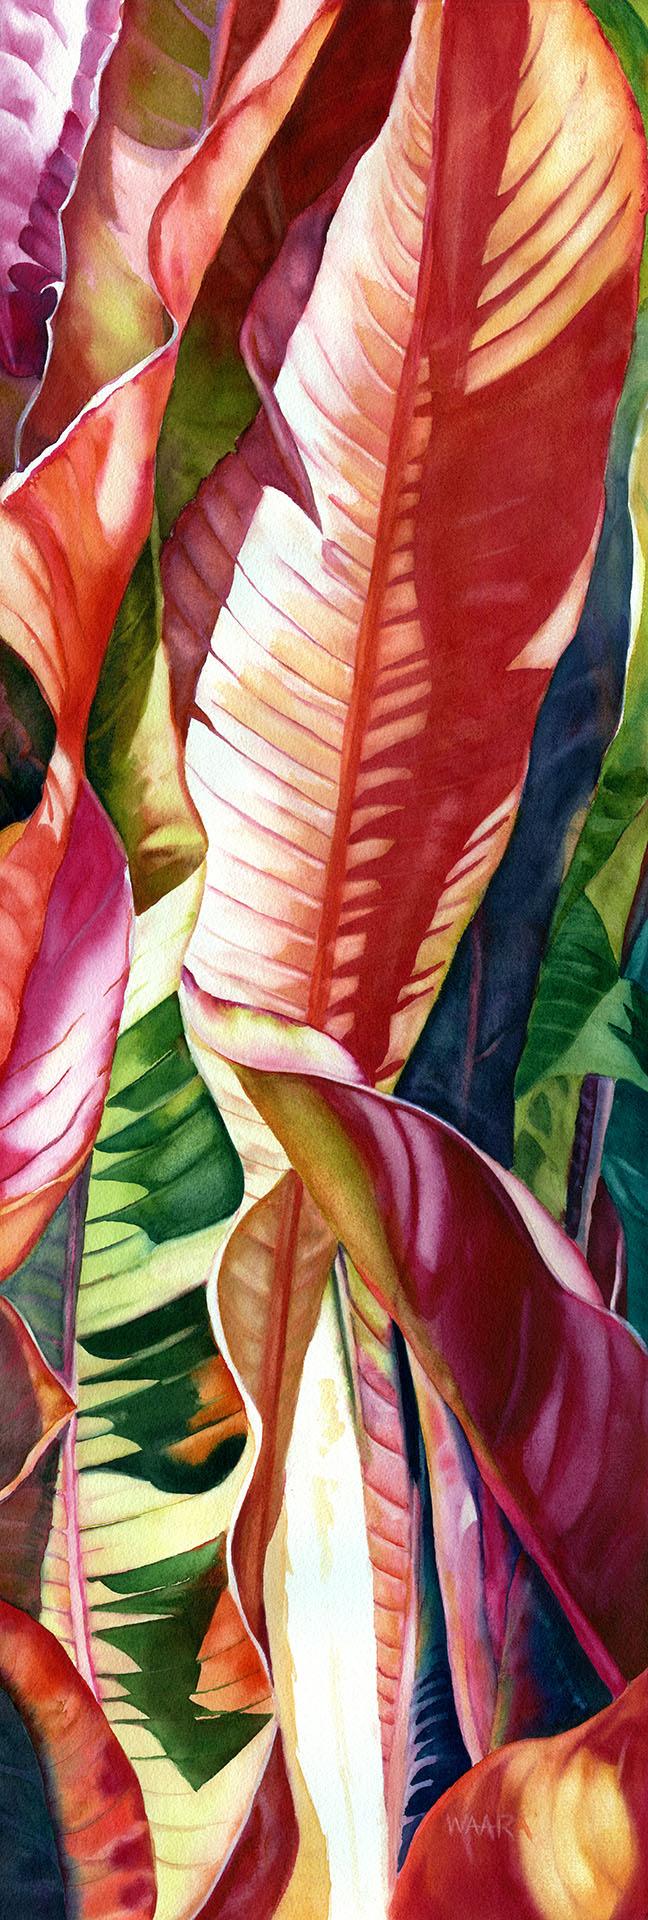 Haiku Banana Leaves watercolor painting